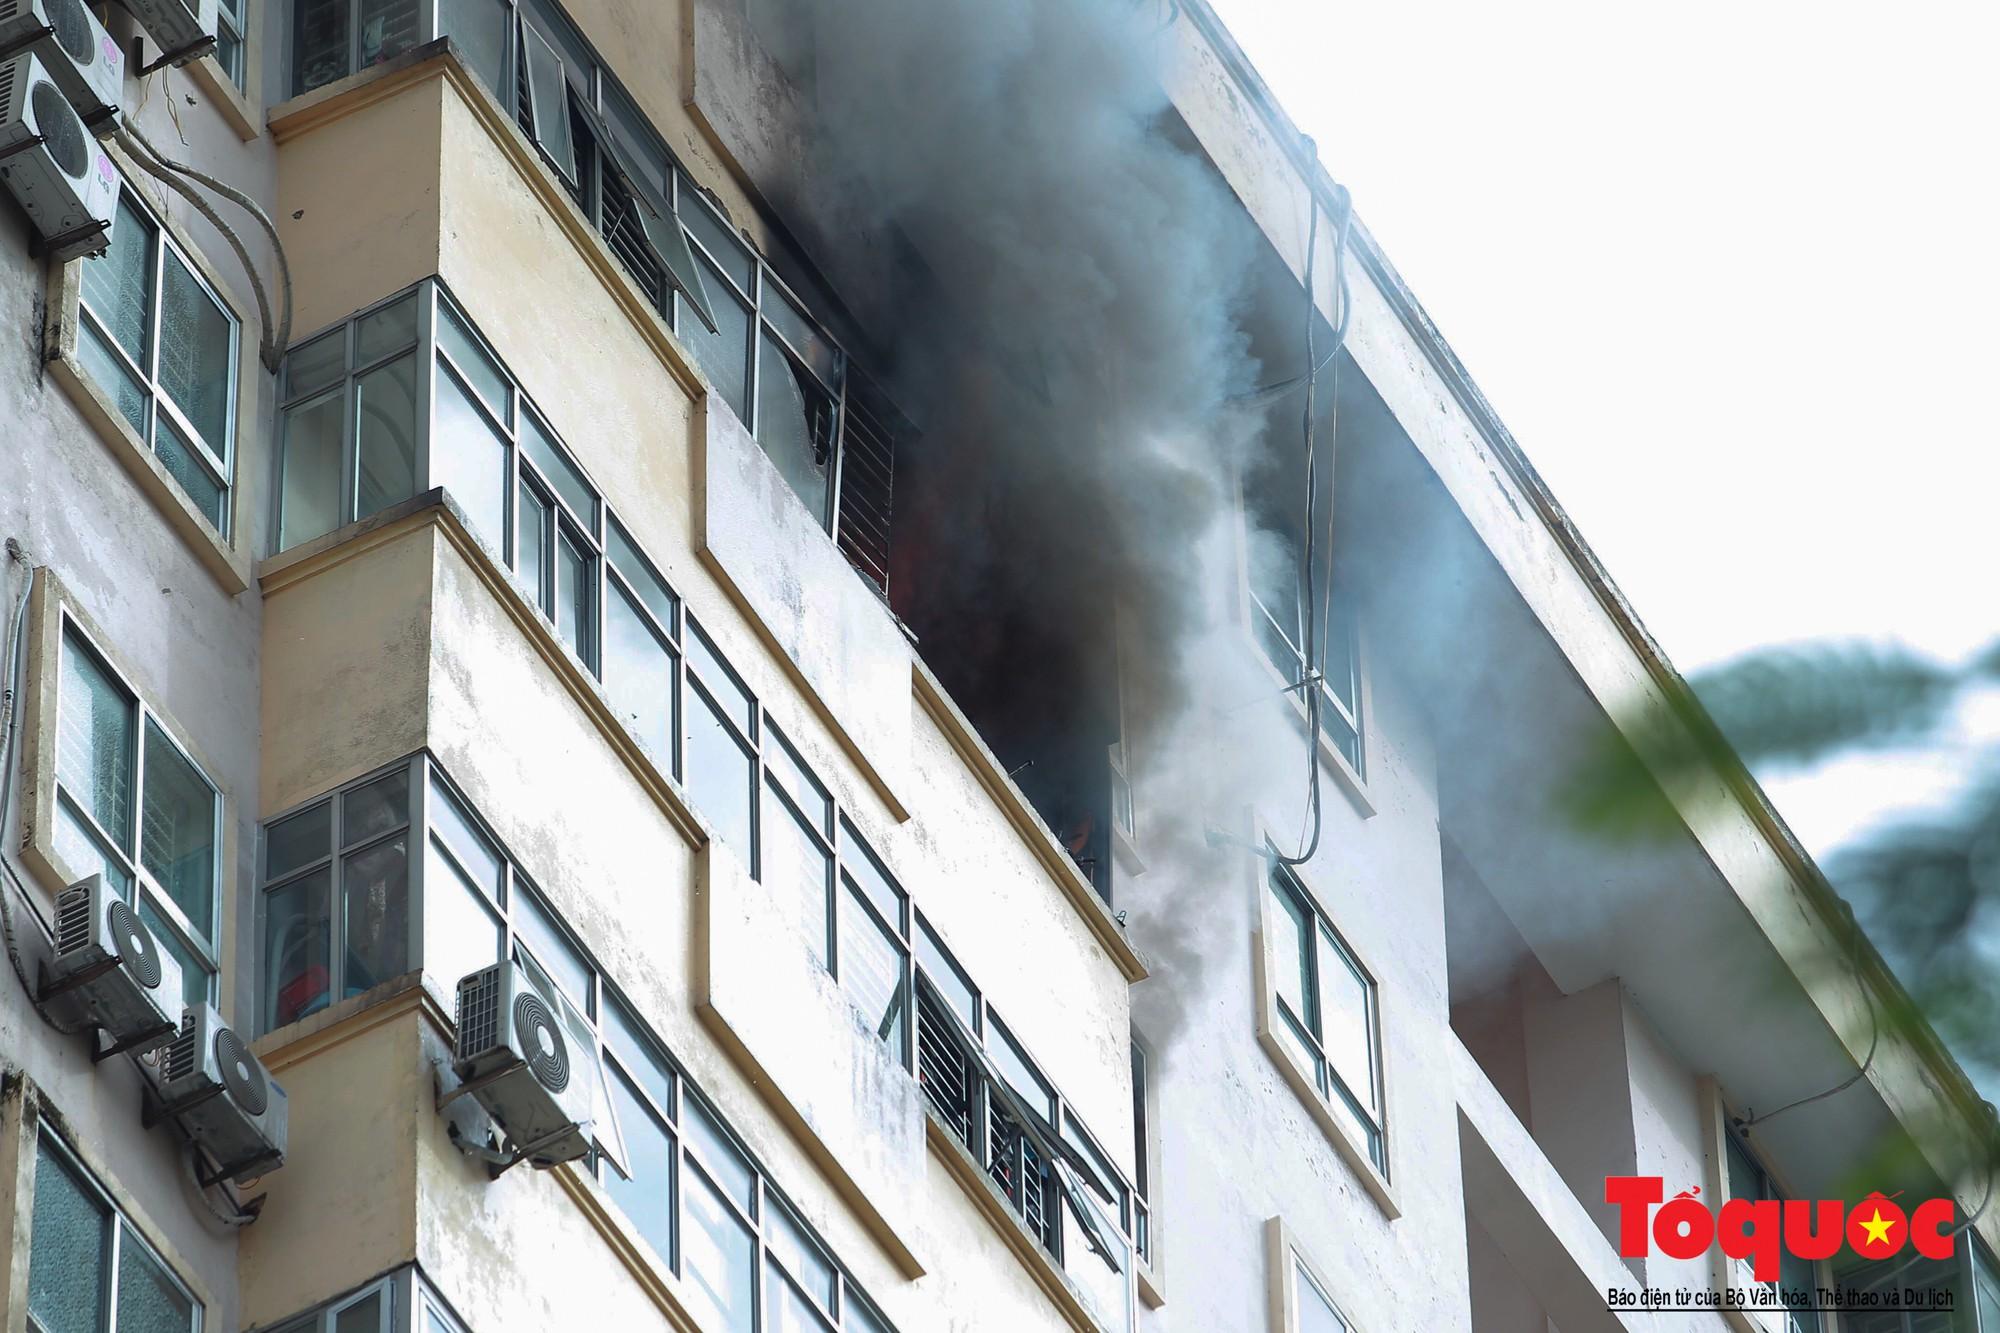 Cháy chung cư B10 Nam Trung Yên, nhiều người hoảng loạn (1)